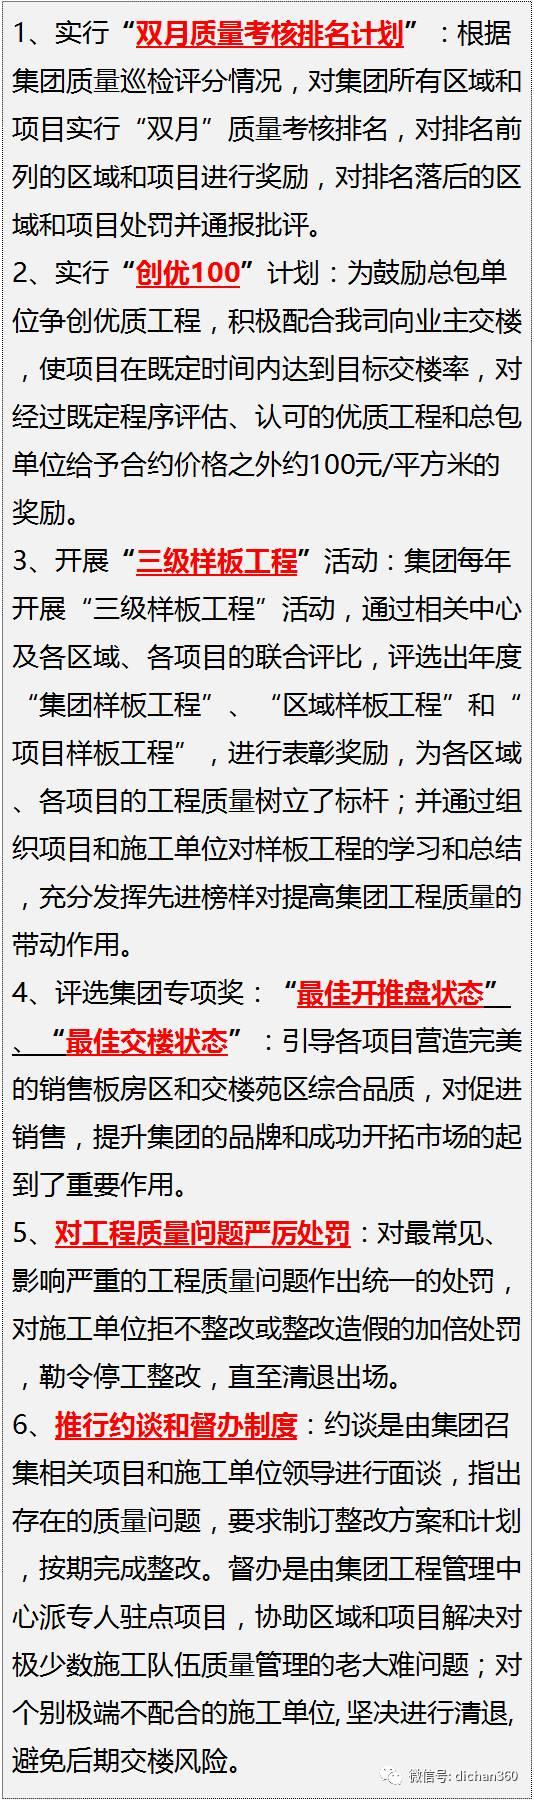 碧桂园工程管理、成本管理策略超全总结,拿来就能用_5